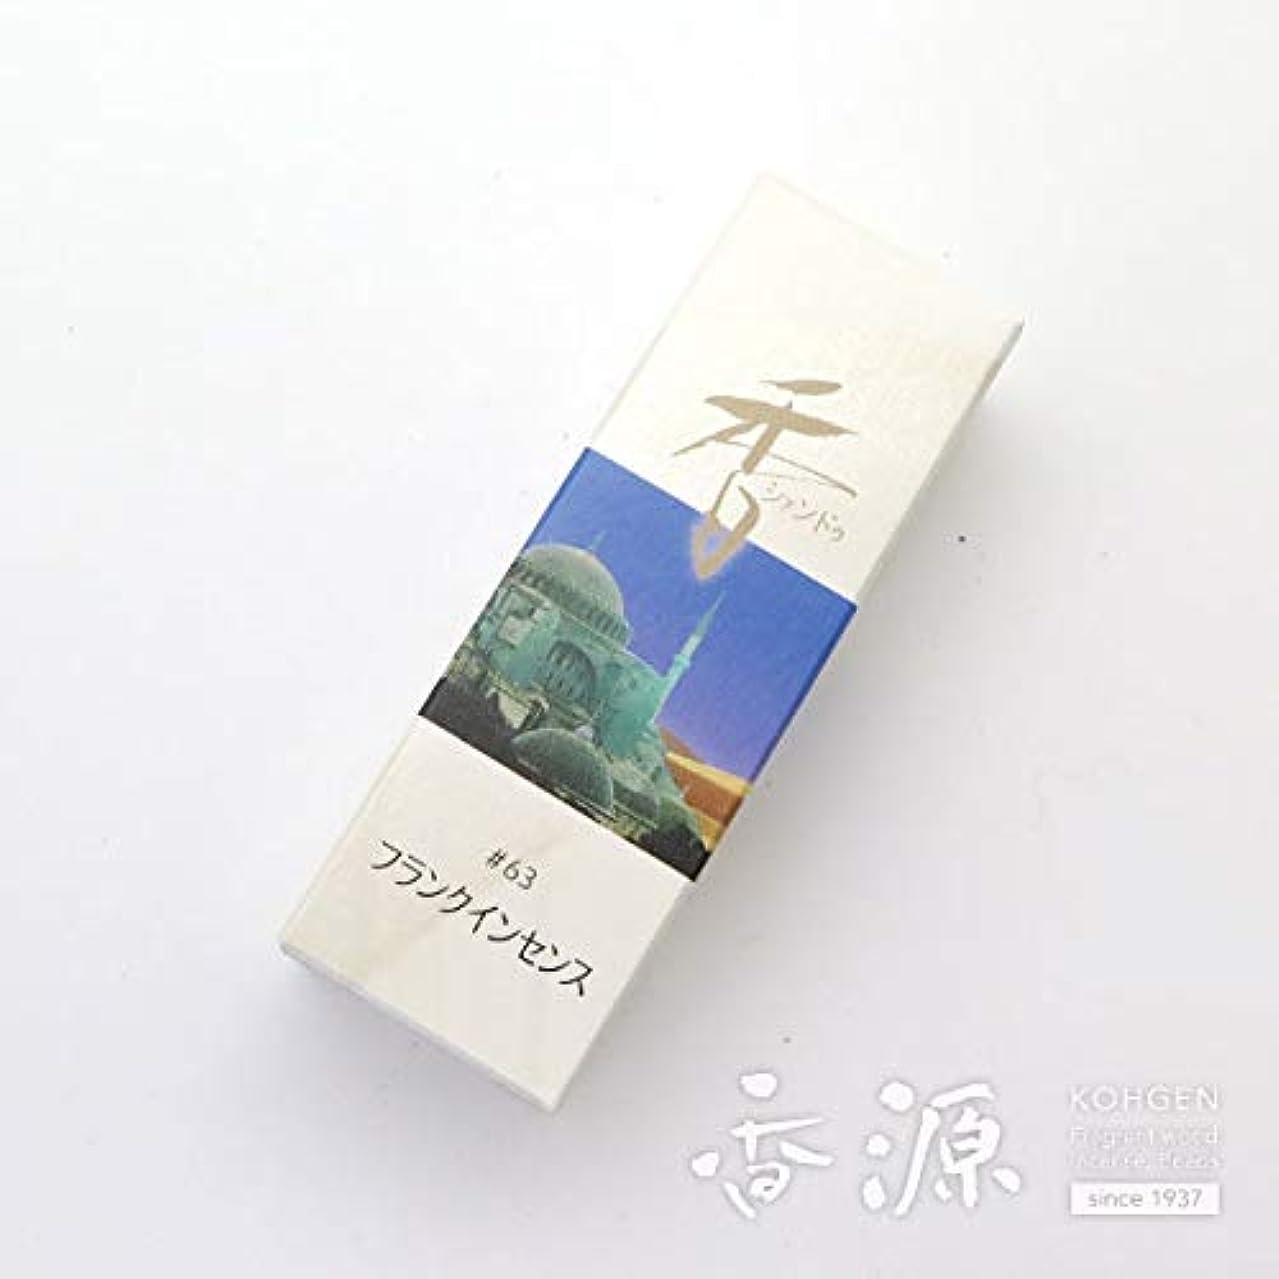 工業用回転する王室Xiang Do(シャンドゥ) 松栄堂のお香 フランクインセンス ST20本入 簡易香立付 #214263